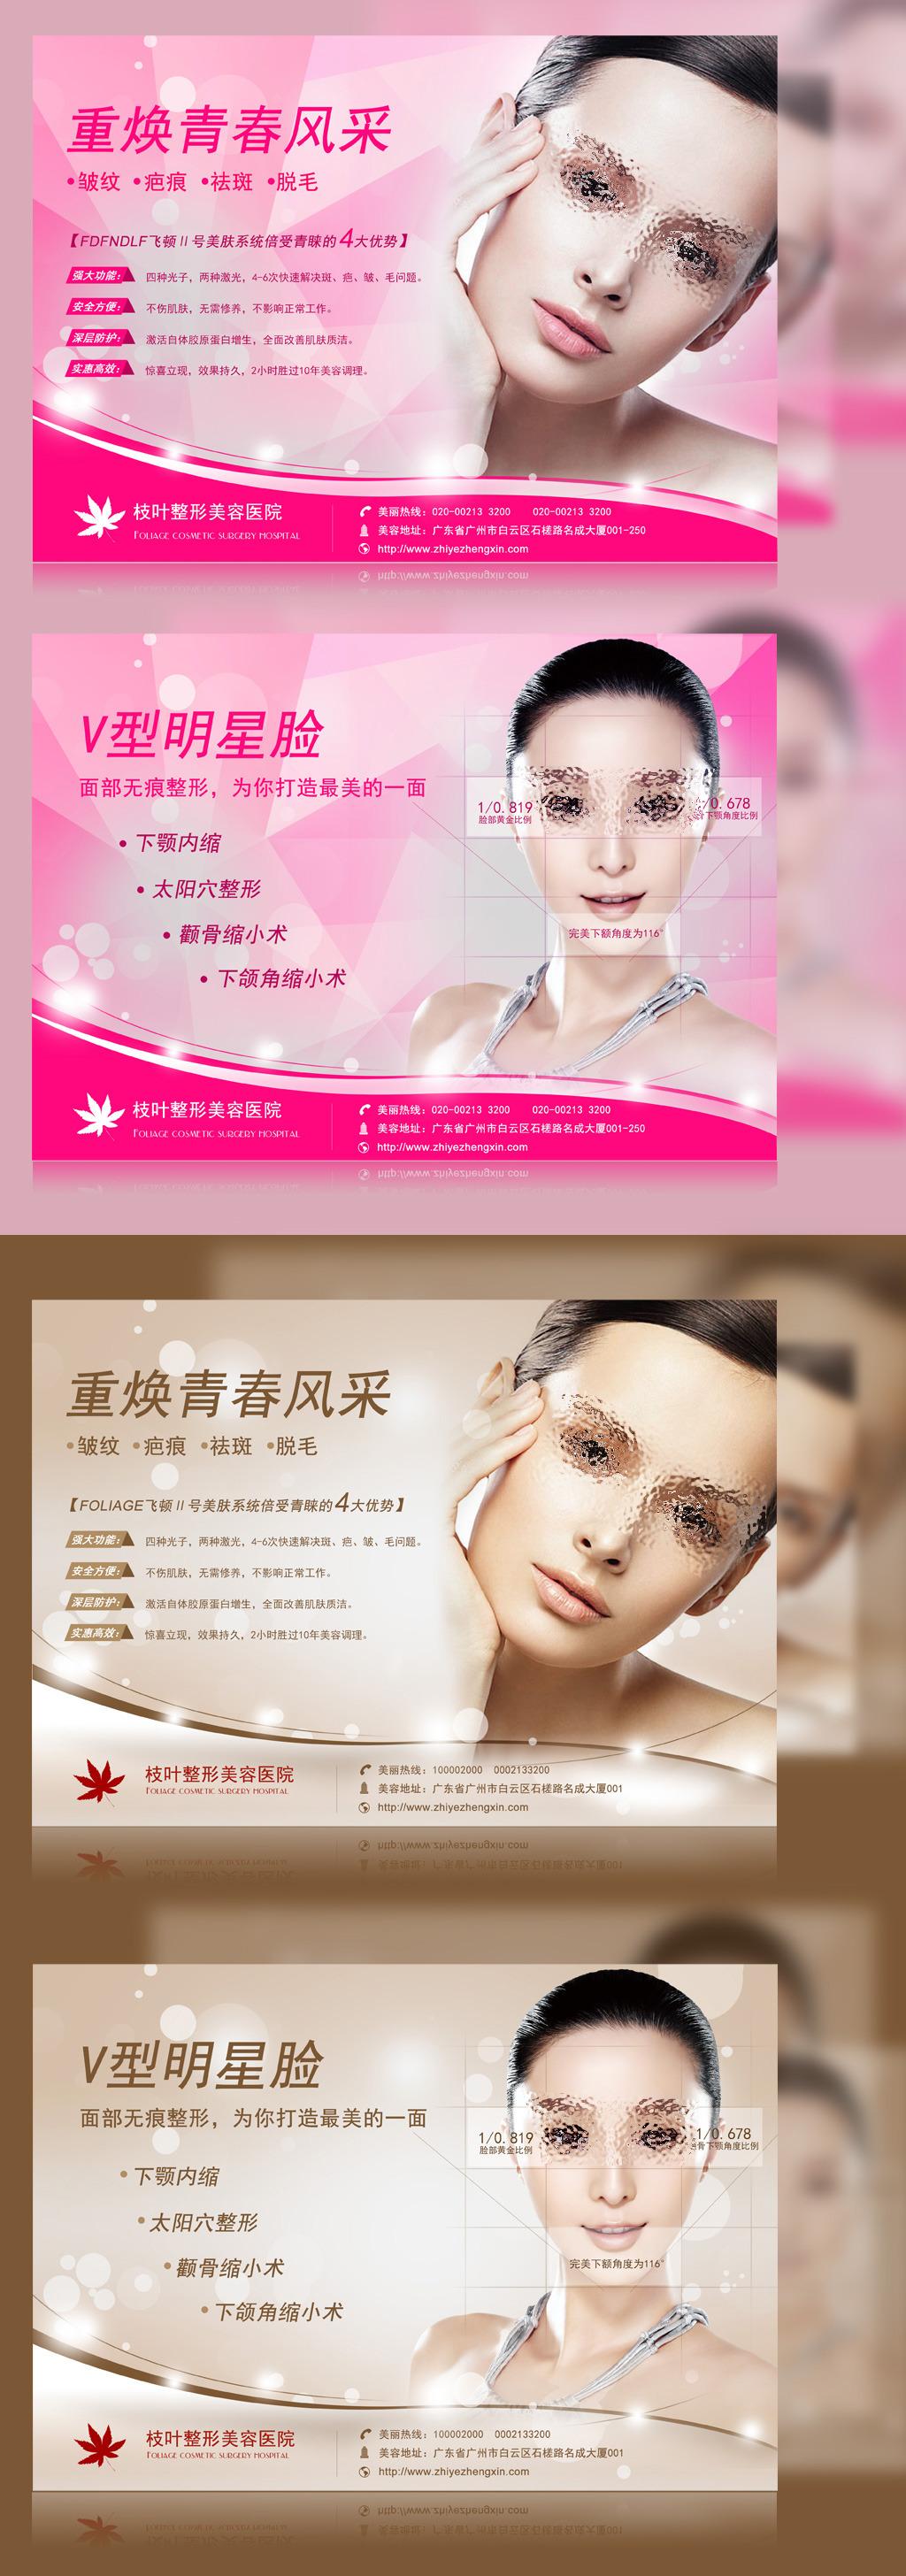 整形美容户外广告设计模板下载 整形美容户外广告设计图片下载 整容